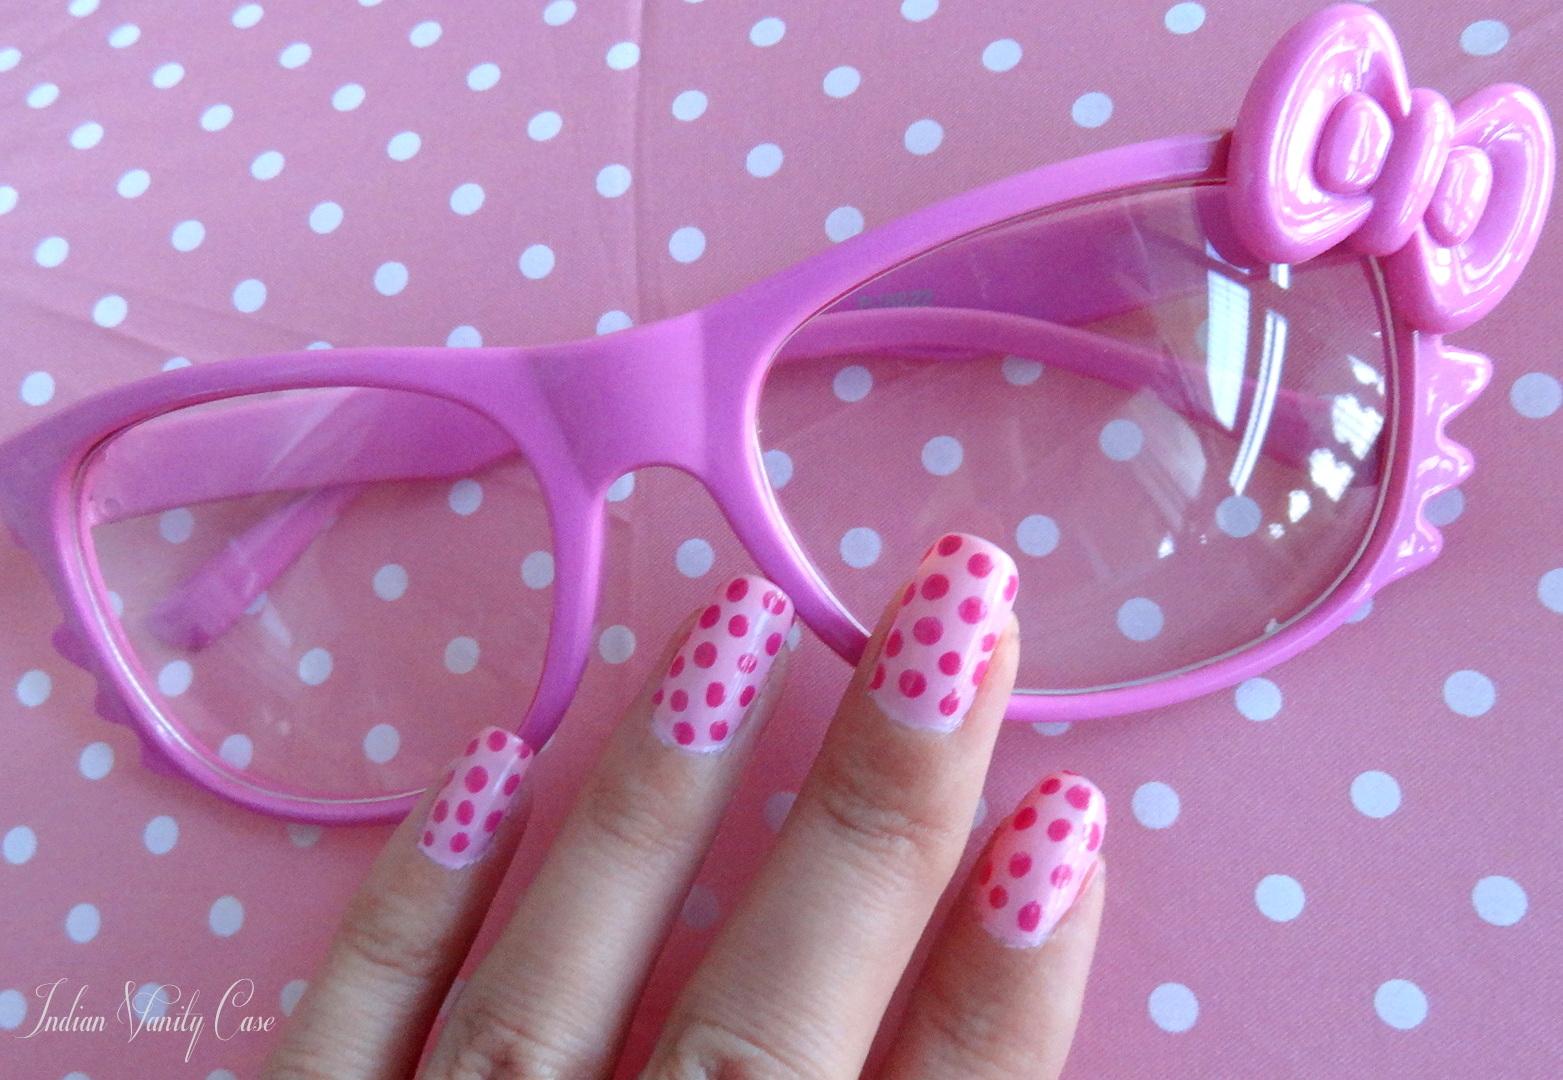 http://3.bp.blogspot.com/-jt-ikm291Zc/T46B7ou-y8I/AAAAAAAAIoQ/s_fkU71f0LQ/s1600/hello-kitty-glasses.jpg